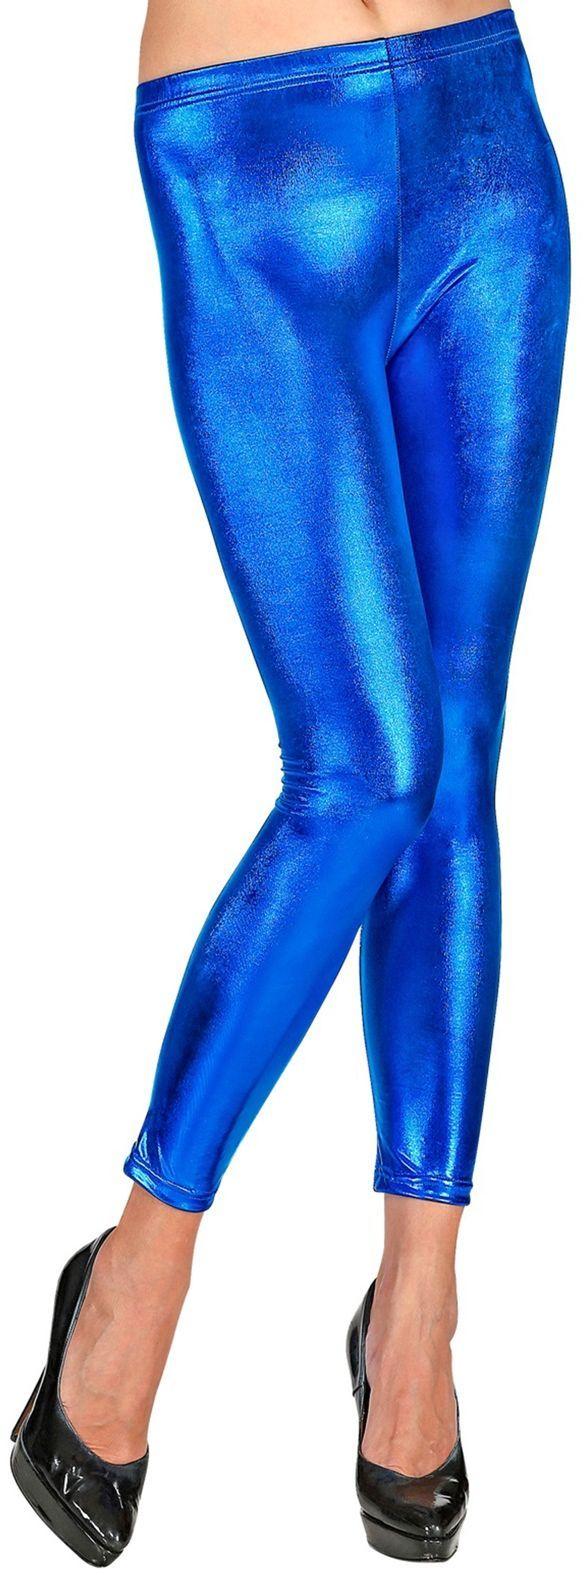 Blauwe legging dames